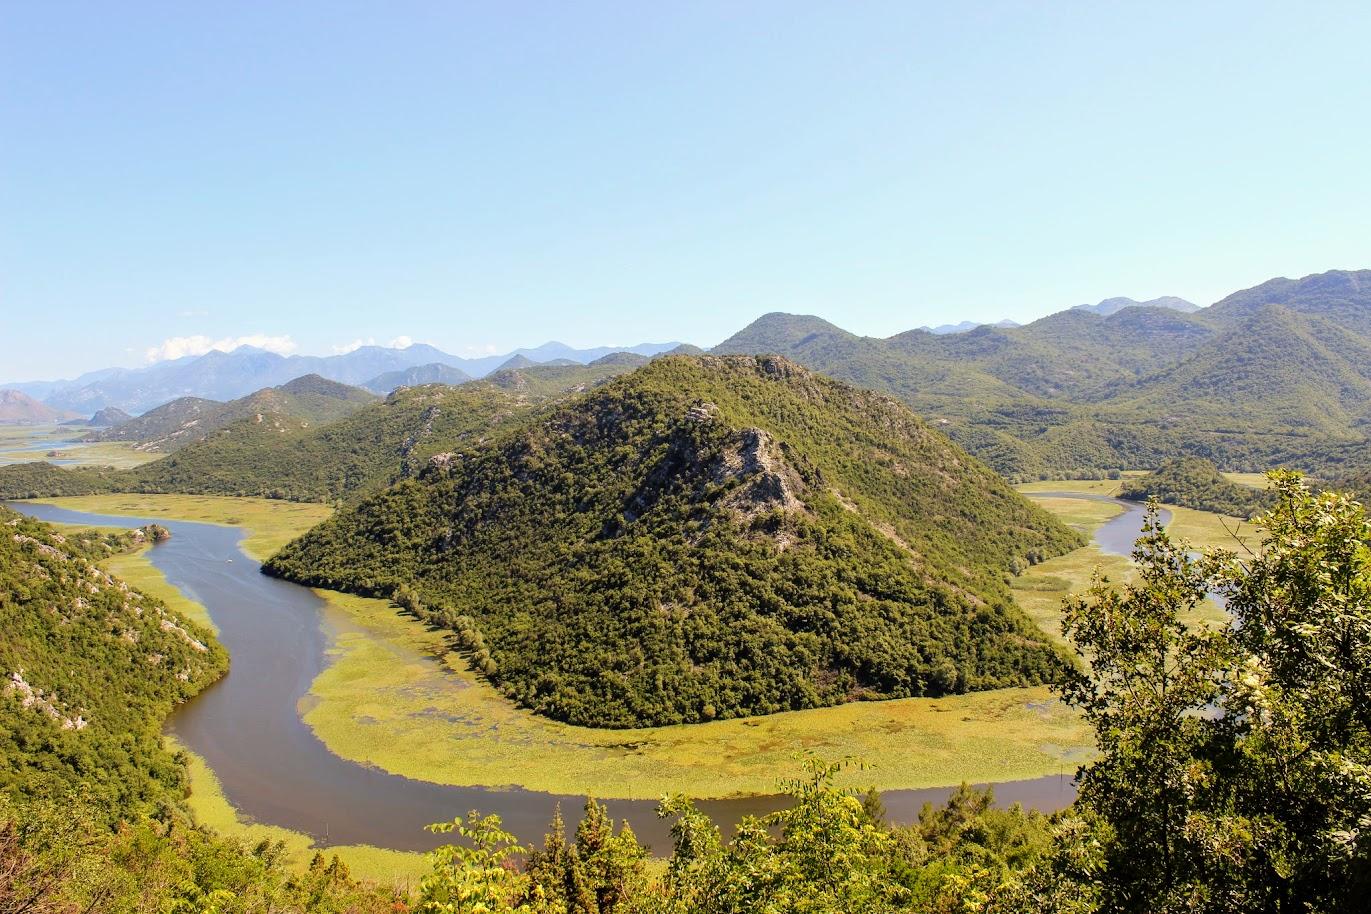 Риека Црноевича - вид на реку, опоясывающую гору